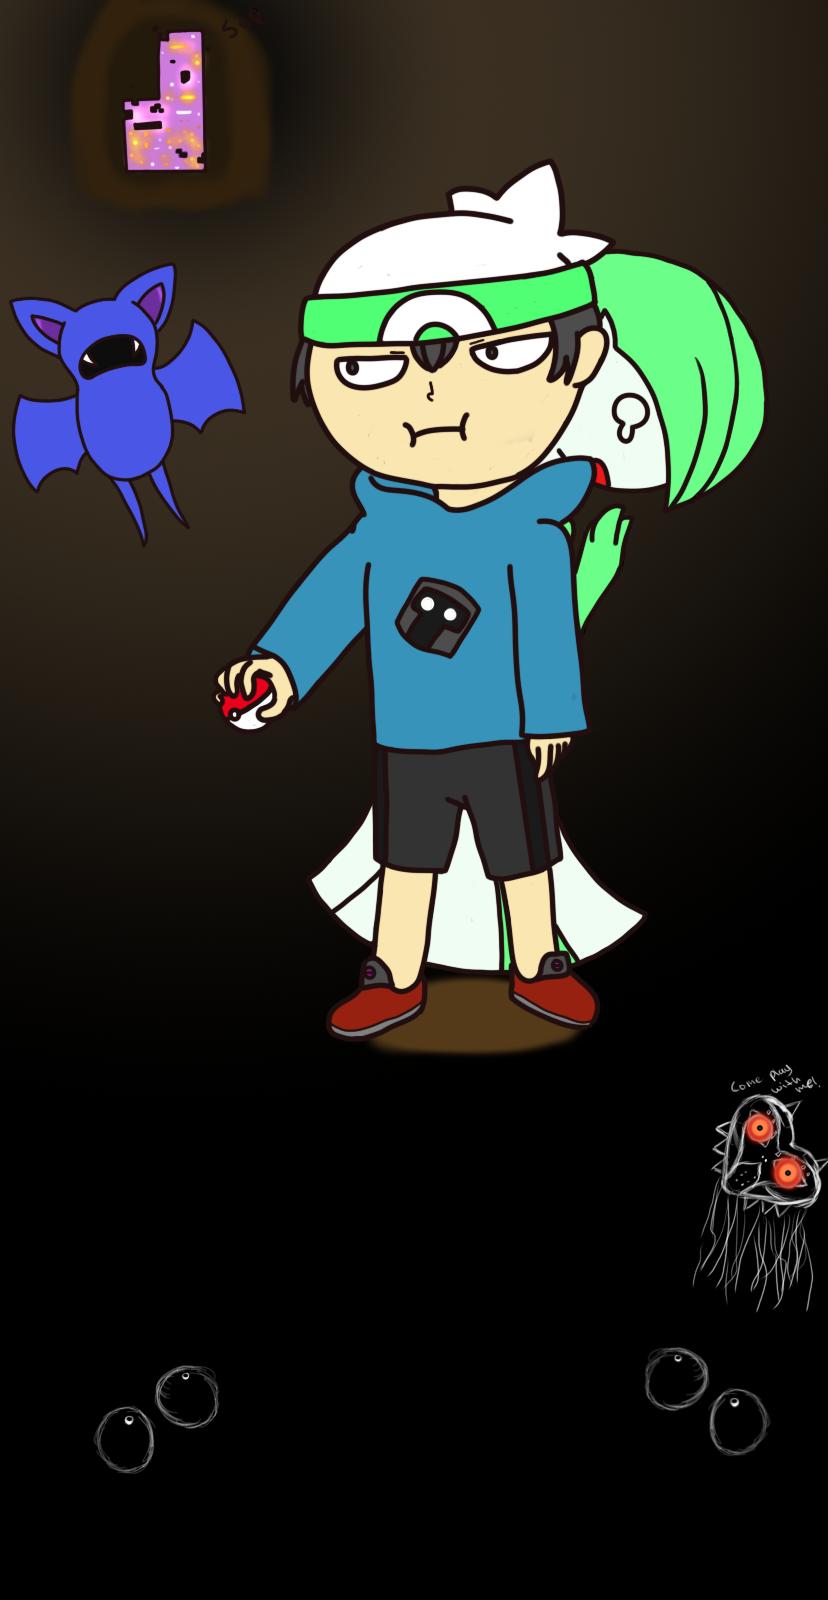 I play pokemon